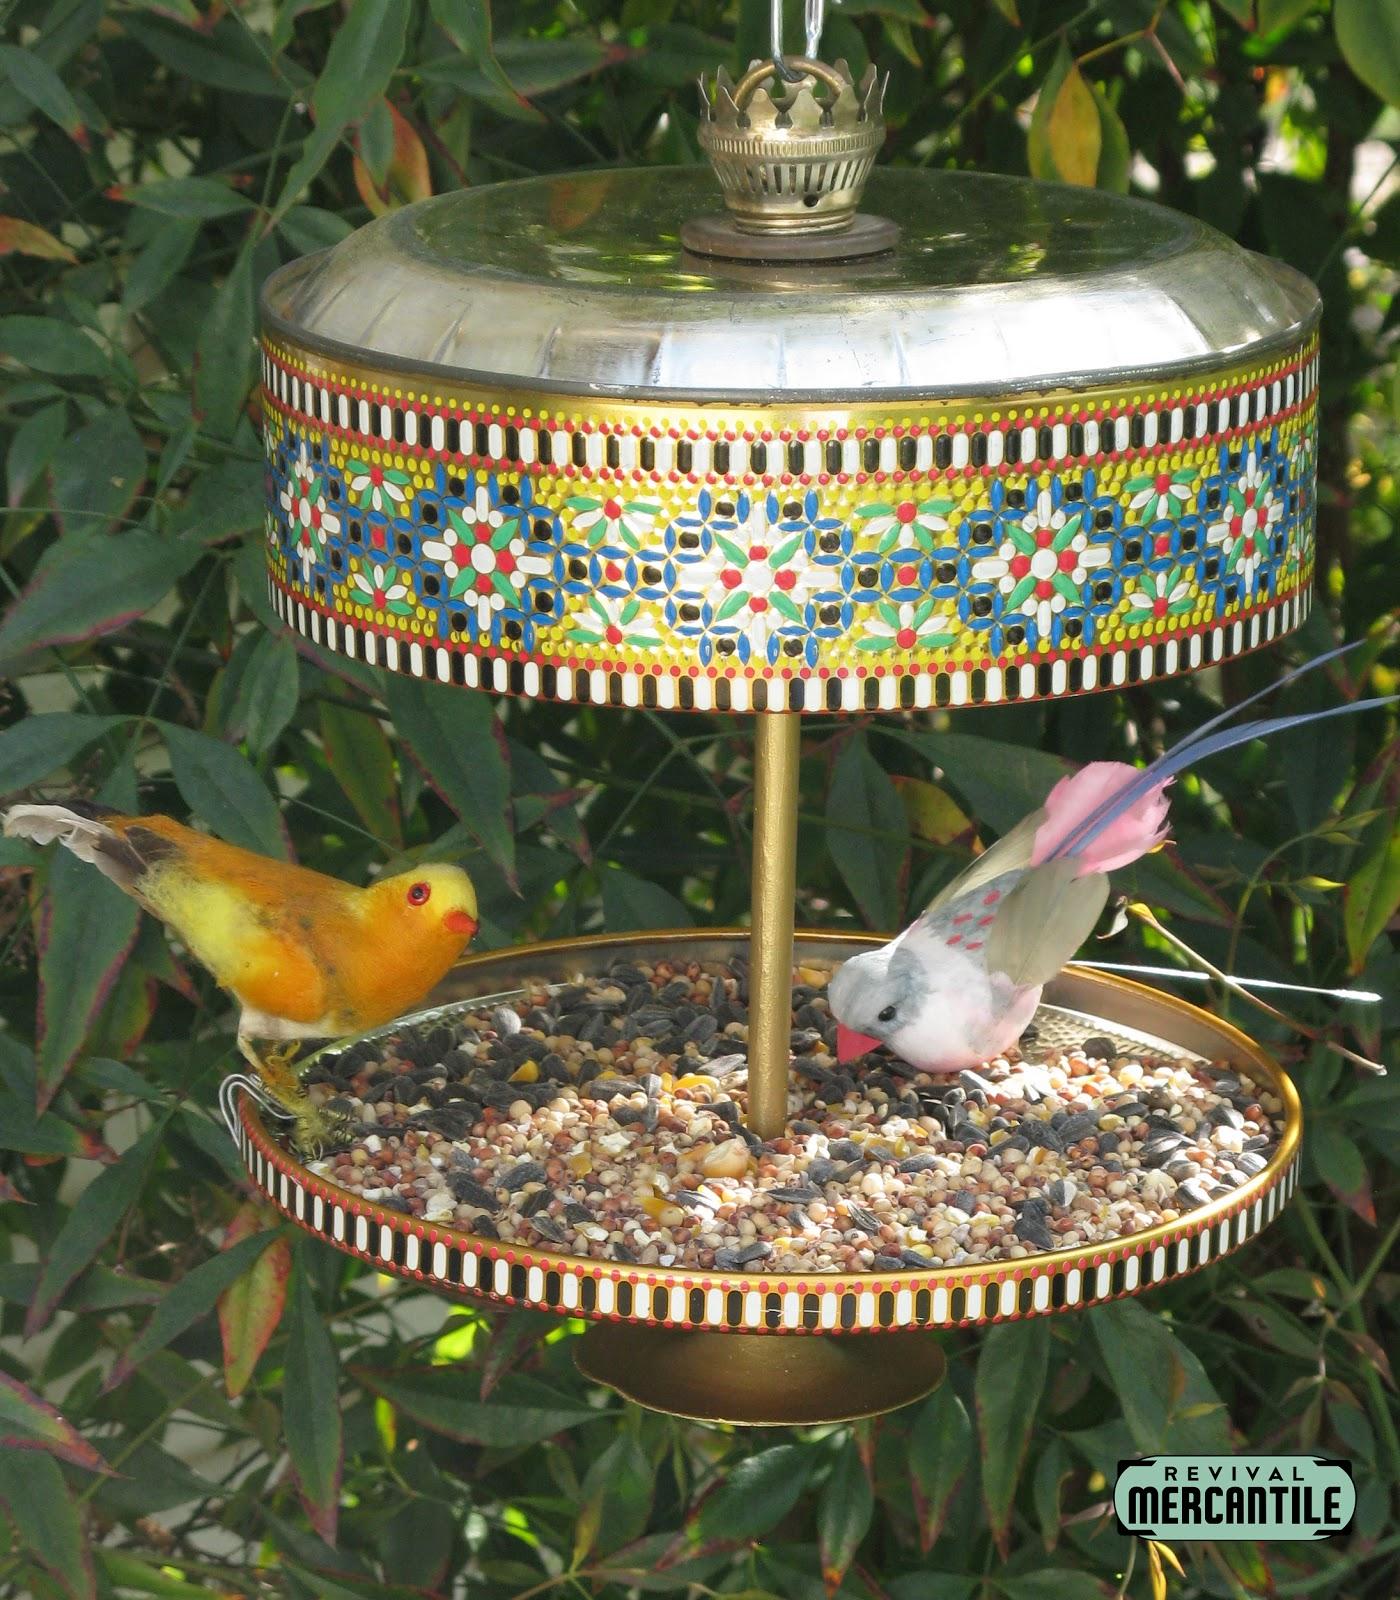 Revival mercantile vintage candy tin bird feeders for Bird feed tin